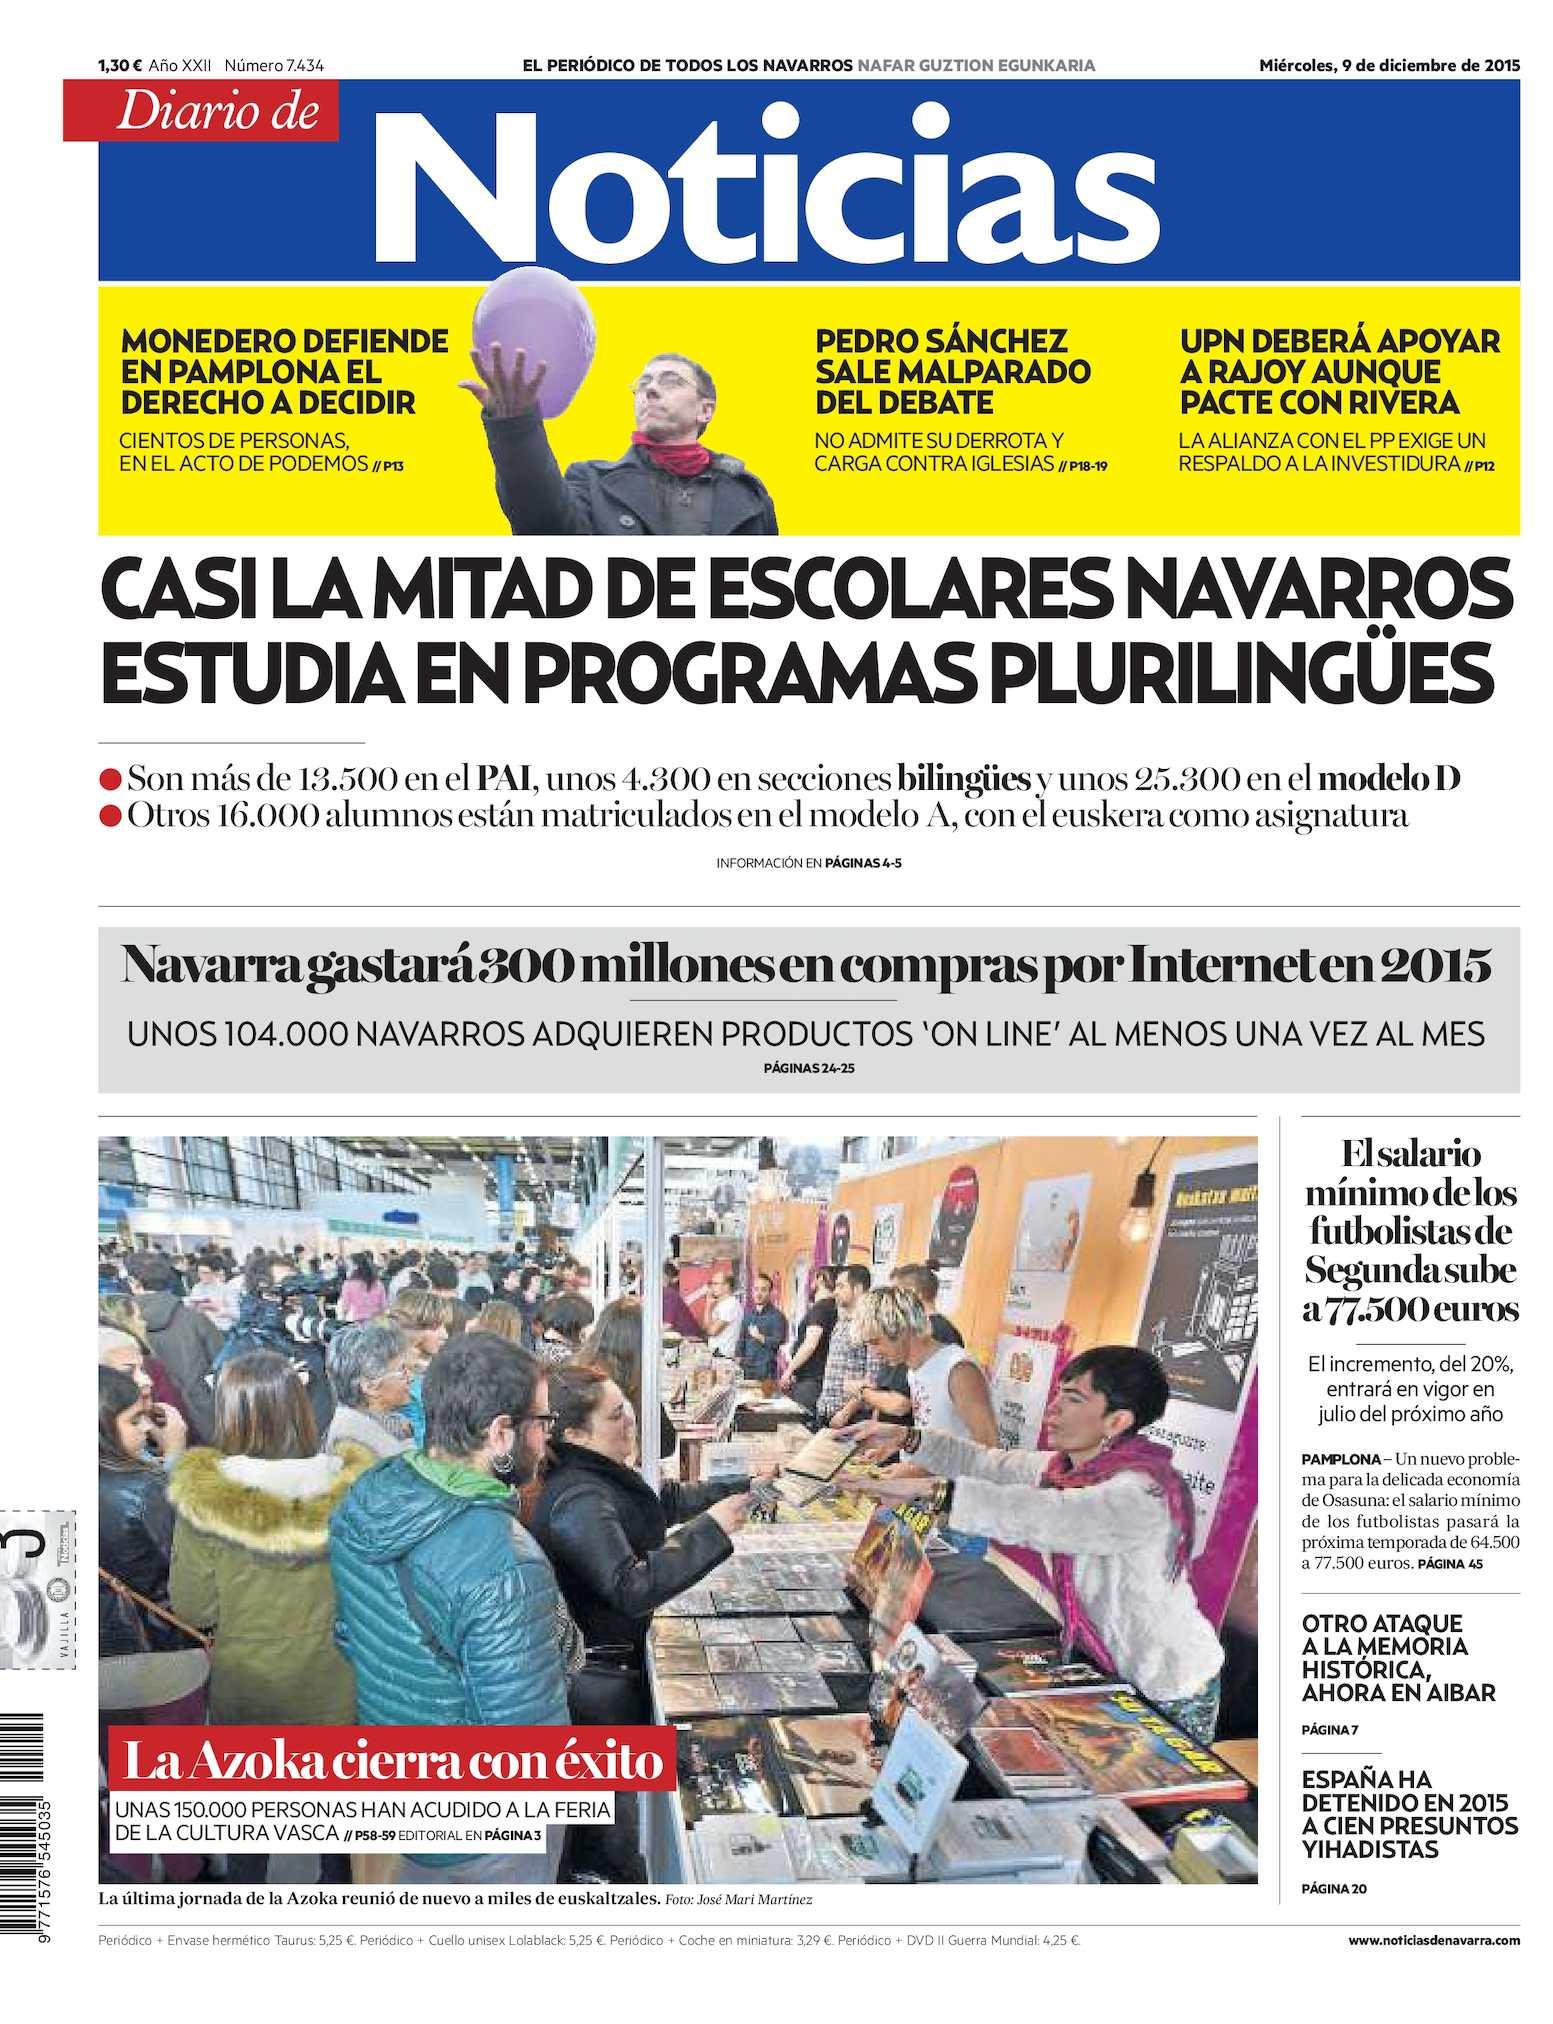 Noticias De Calaméo De 20151209 Calaméo Diario Calaméo Diario 20151209 Noticias sQrBdhxtC